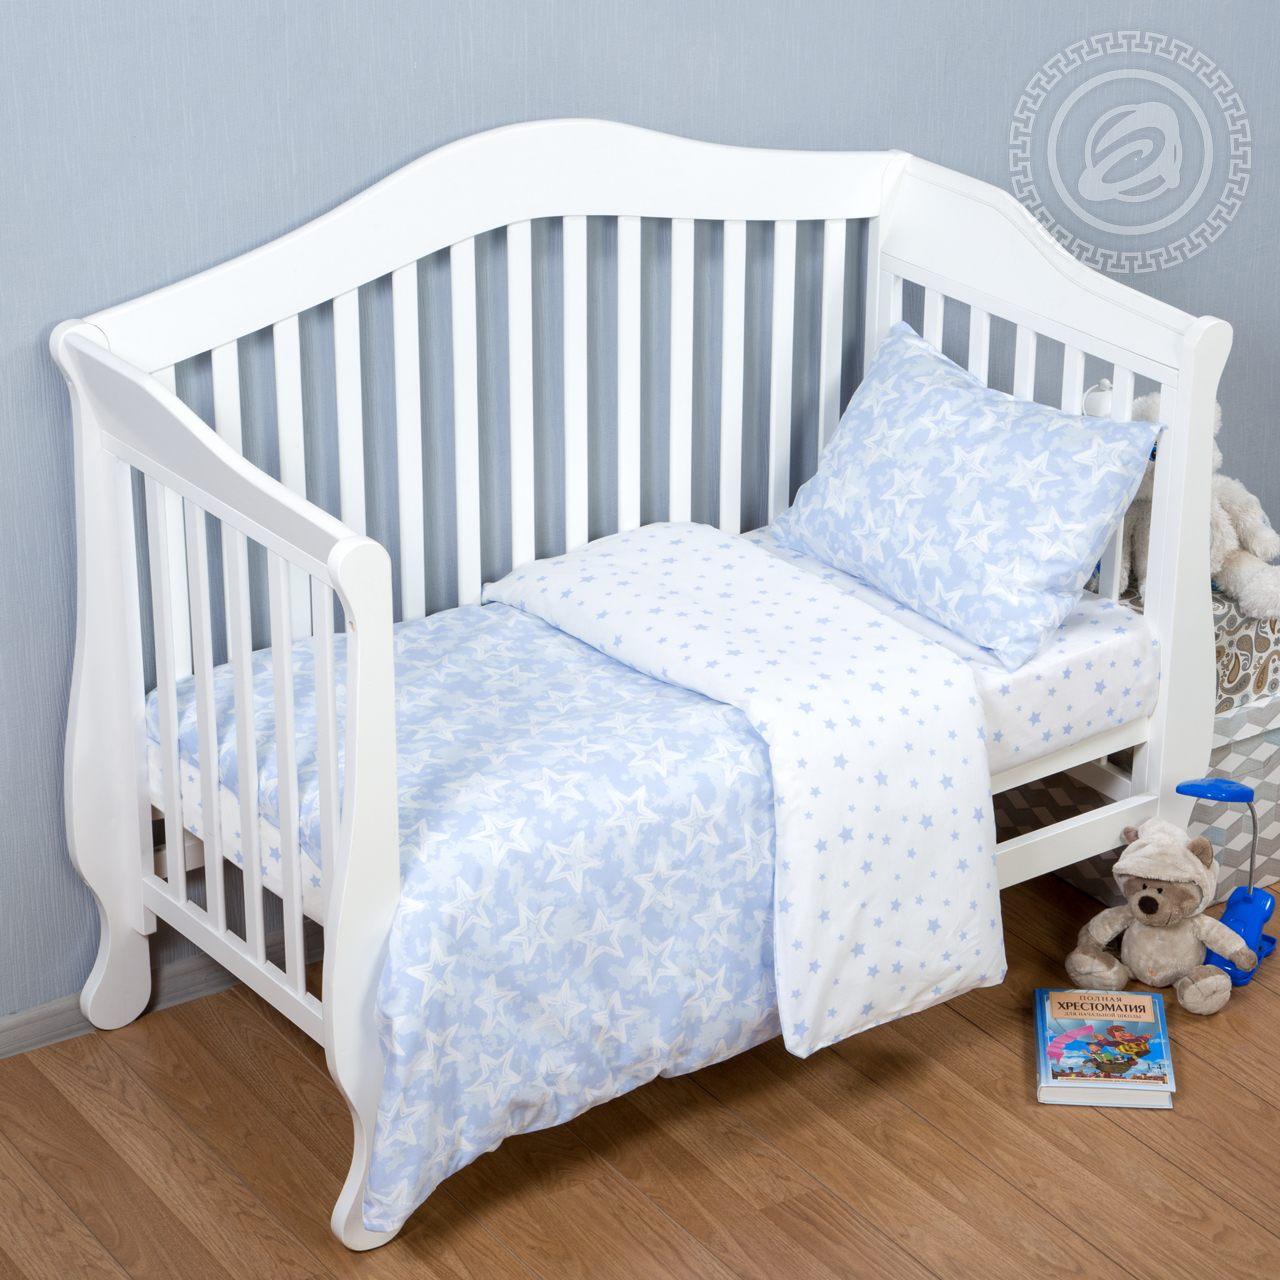 Постельное белье в кроватку из поплина Звездочет (голубой) Артпостель